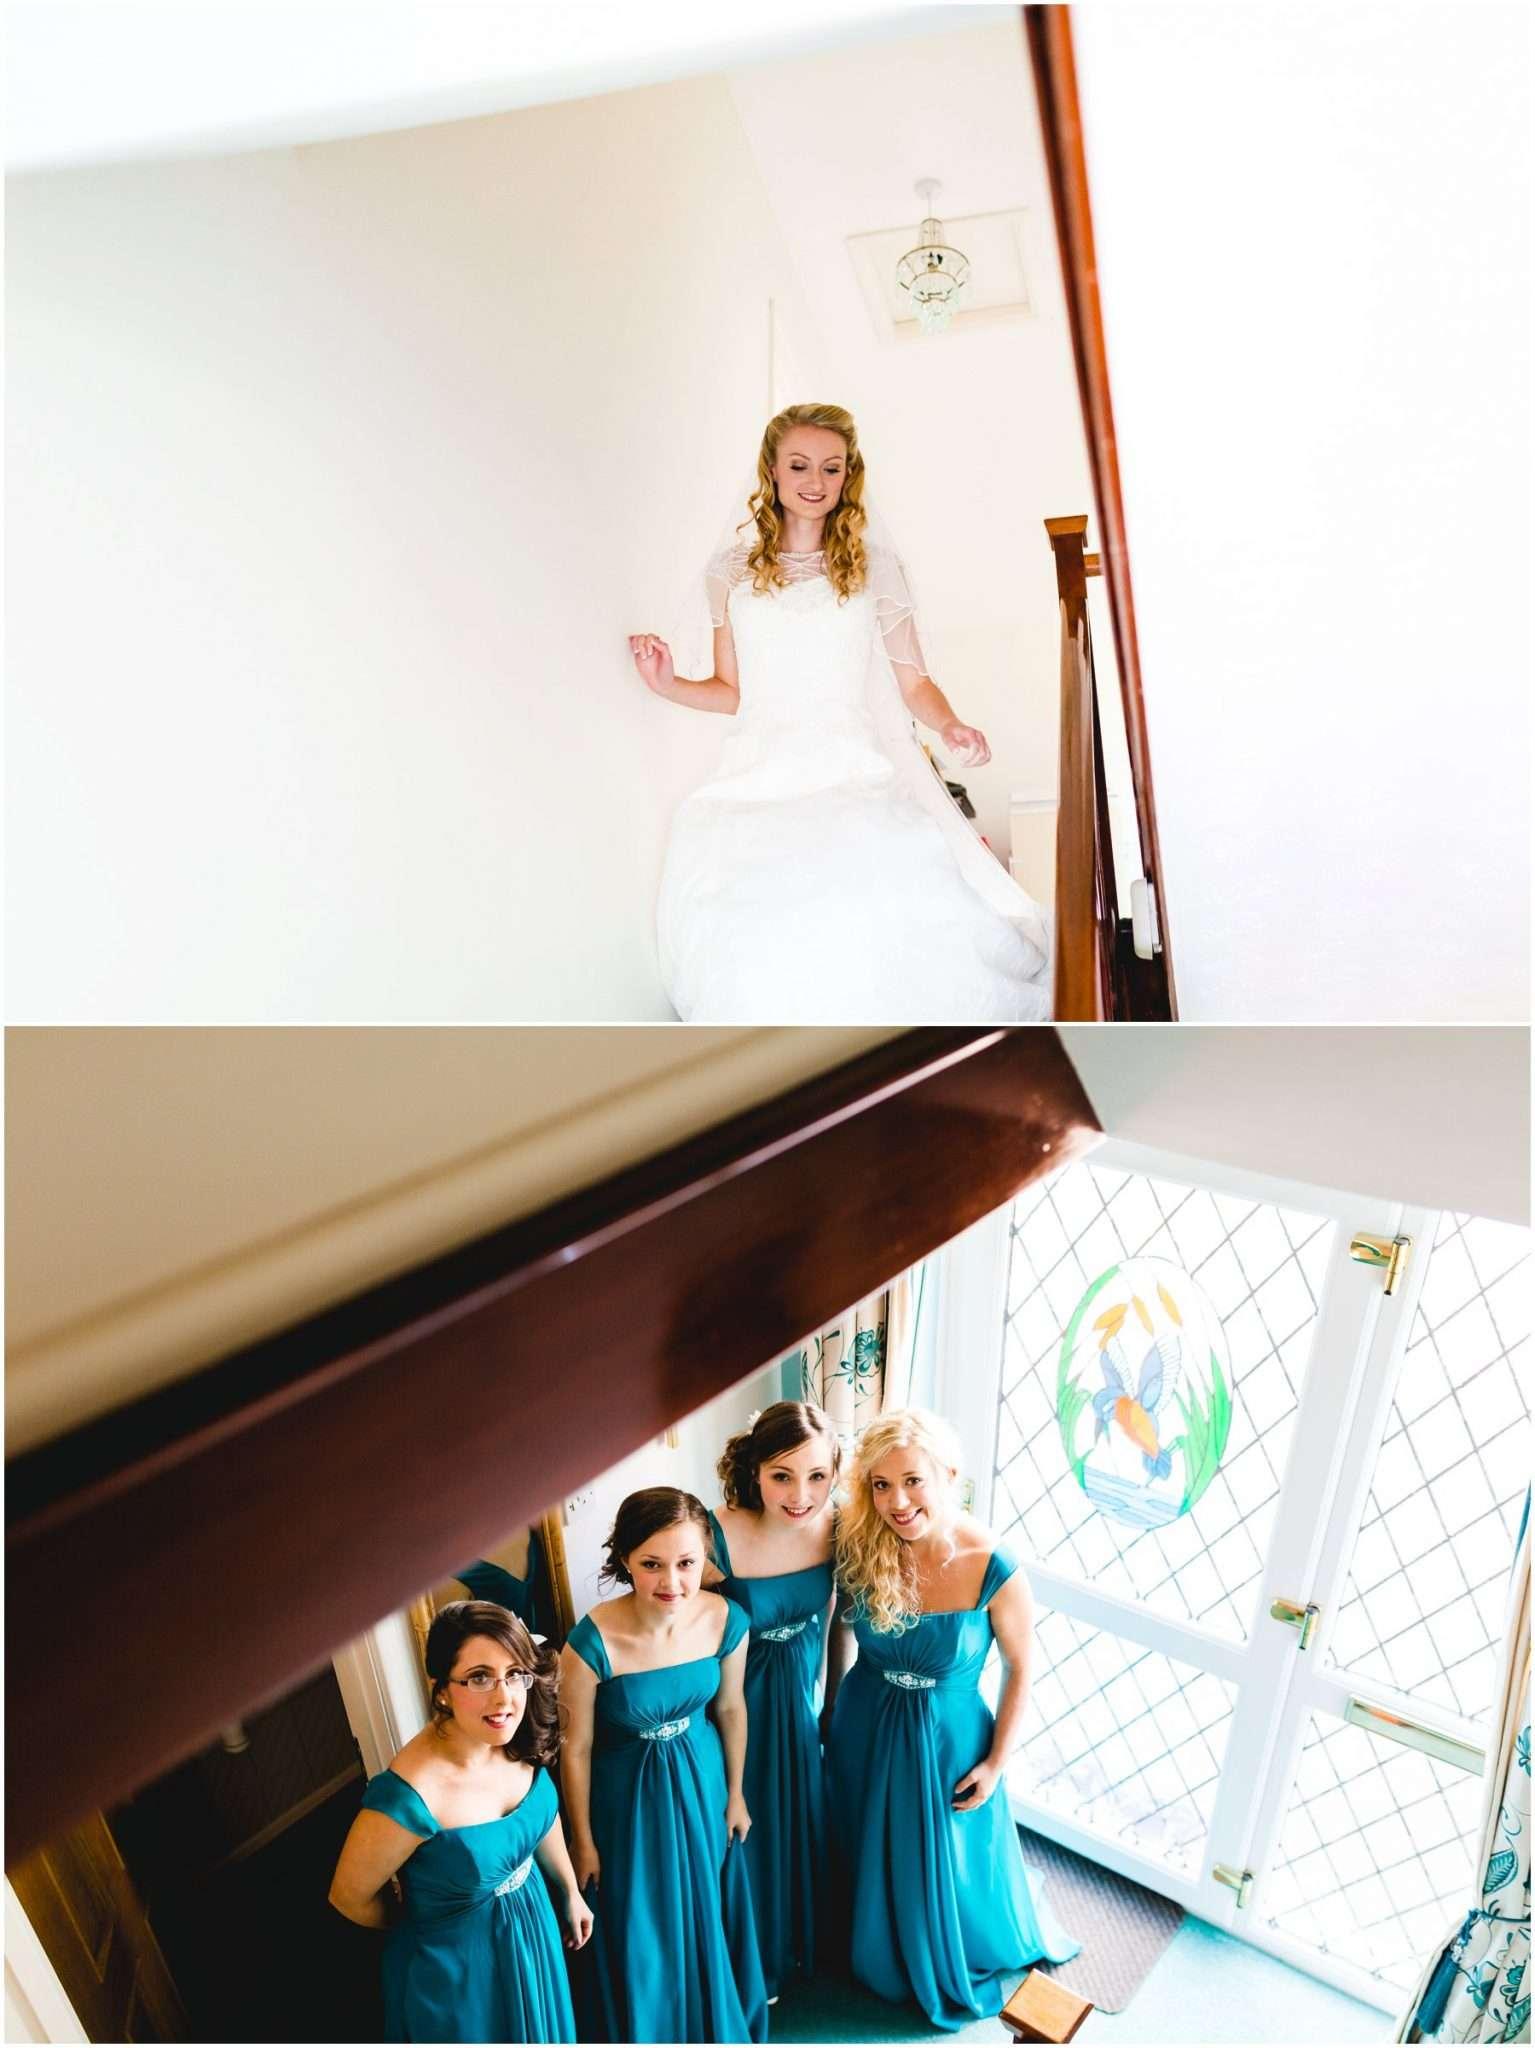 KIMBERLEY HALL WEDDING - LOUISE AND DAVID - NORWICH WEDDING PHOTOGRAPHER 7